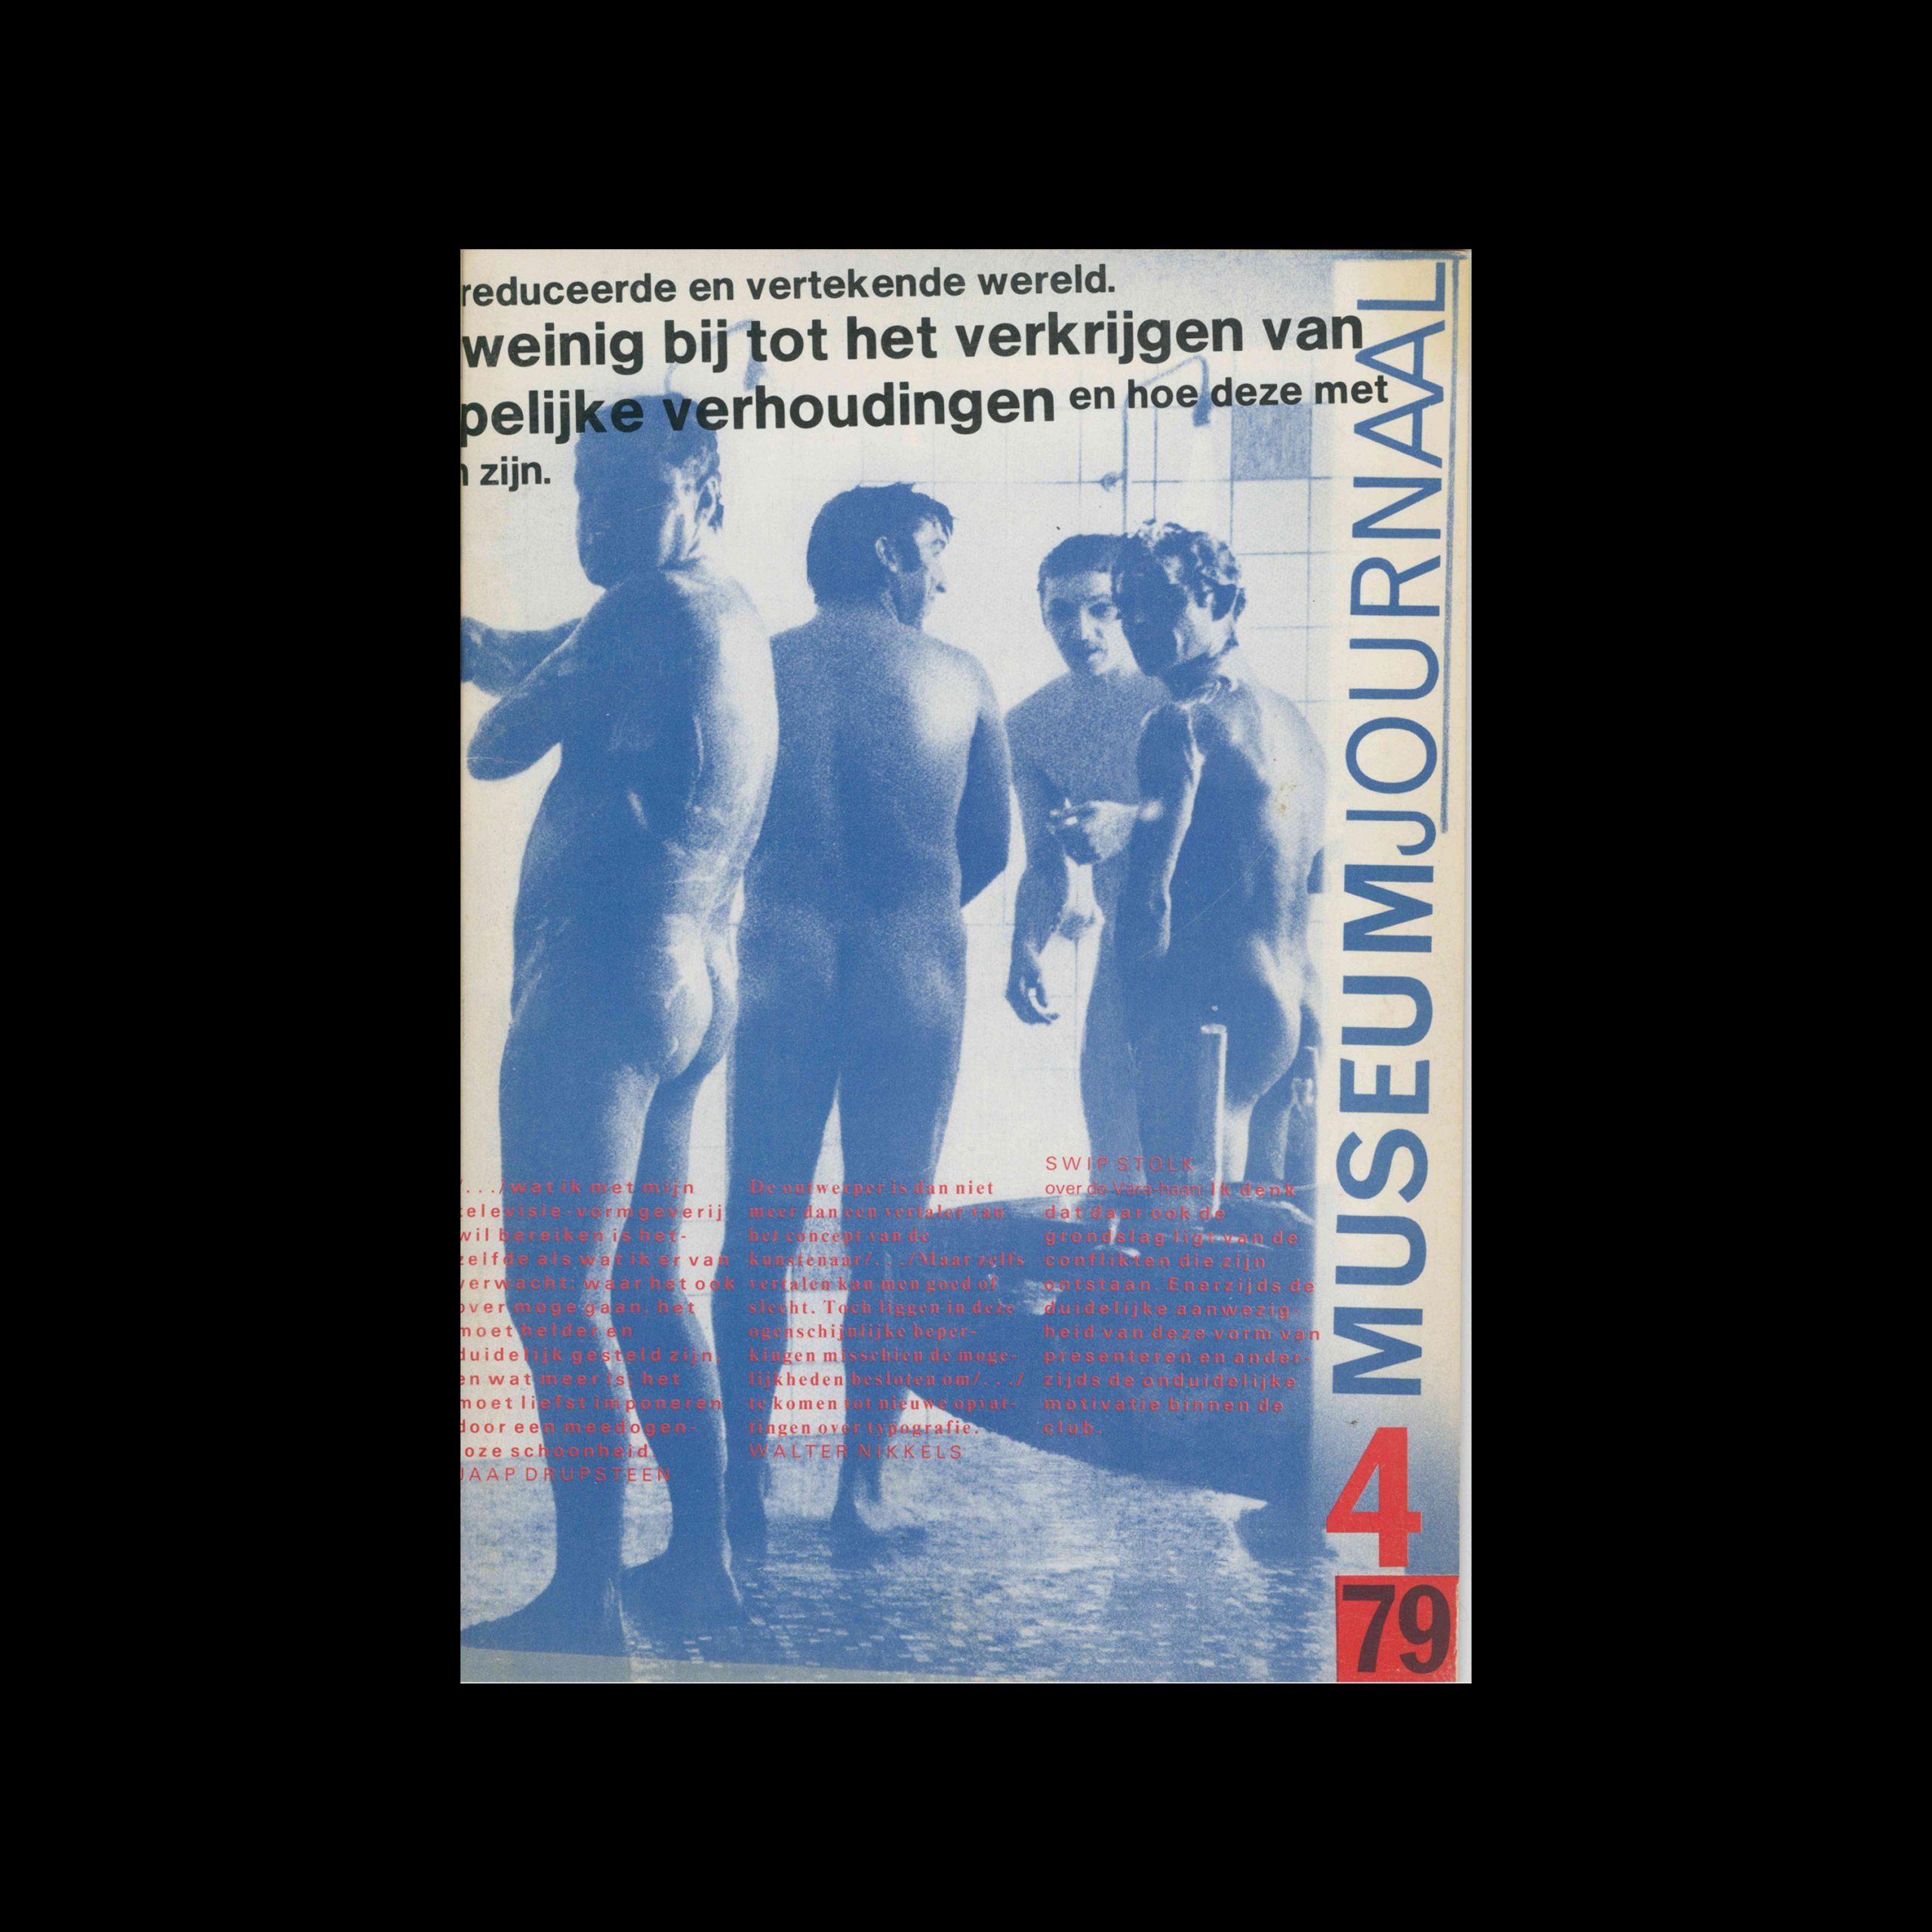 Museumjournaal, Serie 24 no4, 1979. Cover design by Jan van Toorn.